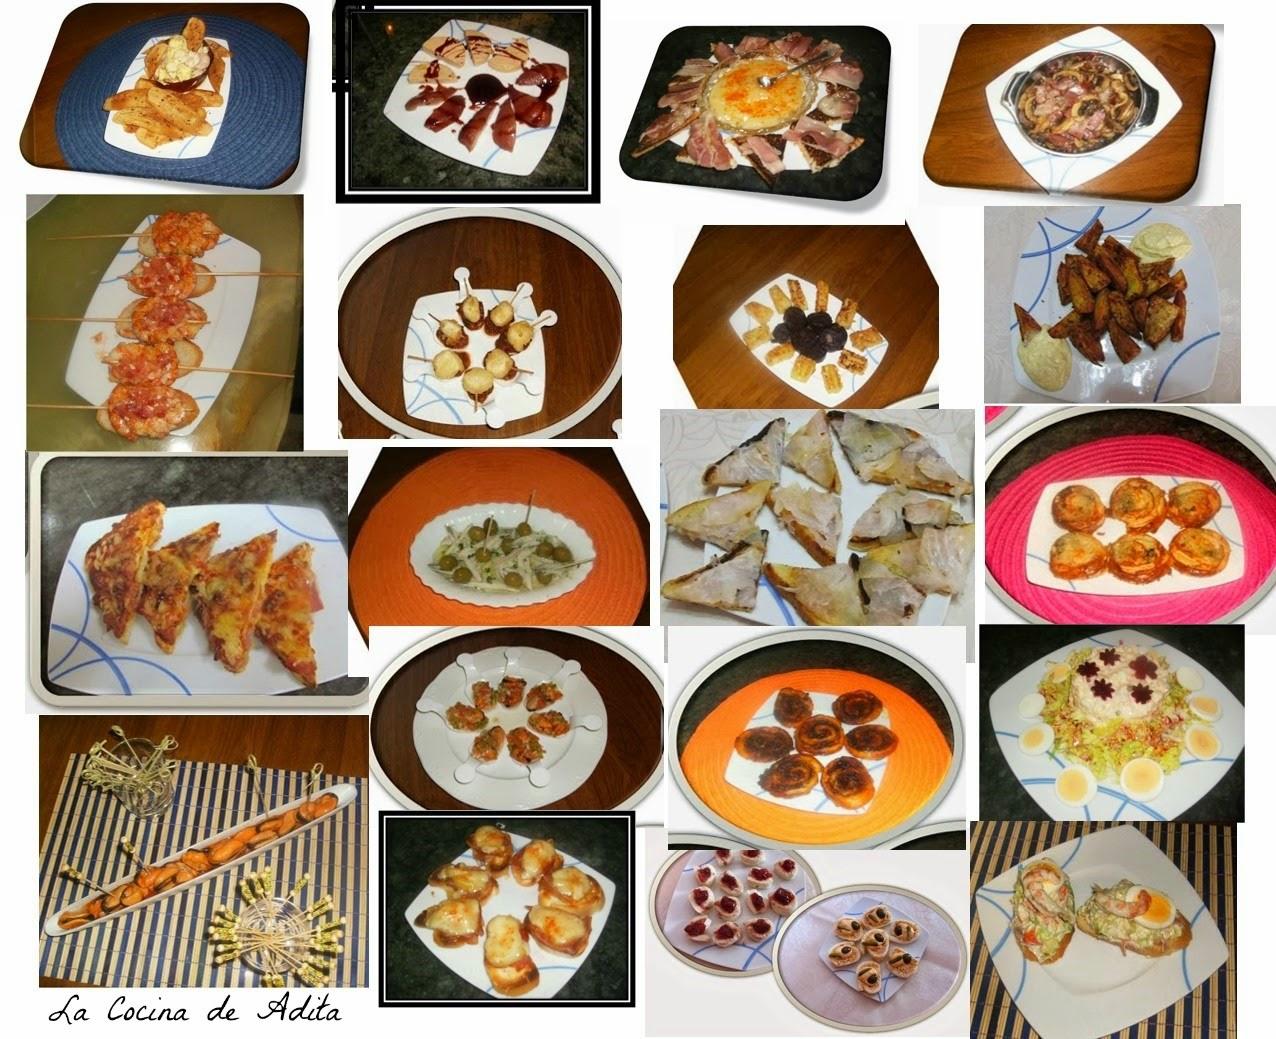 25 tapas para un buen buffet la cocina de adita - Cena romantica ligera ...